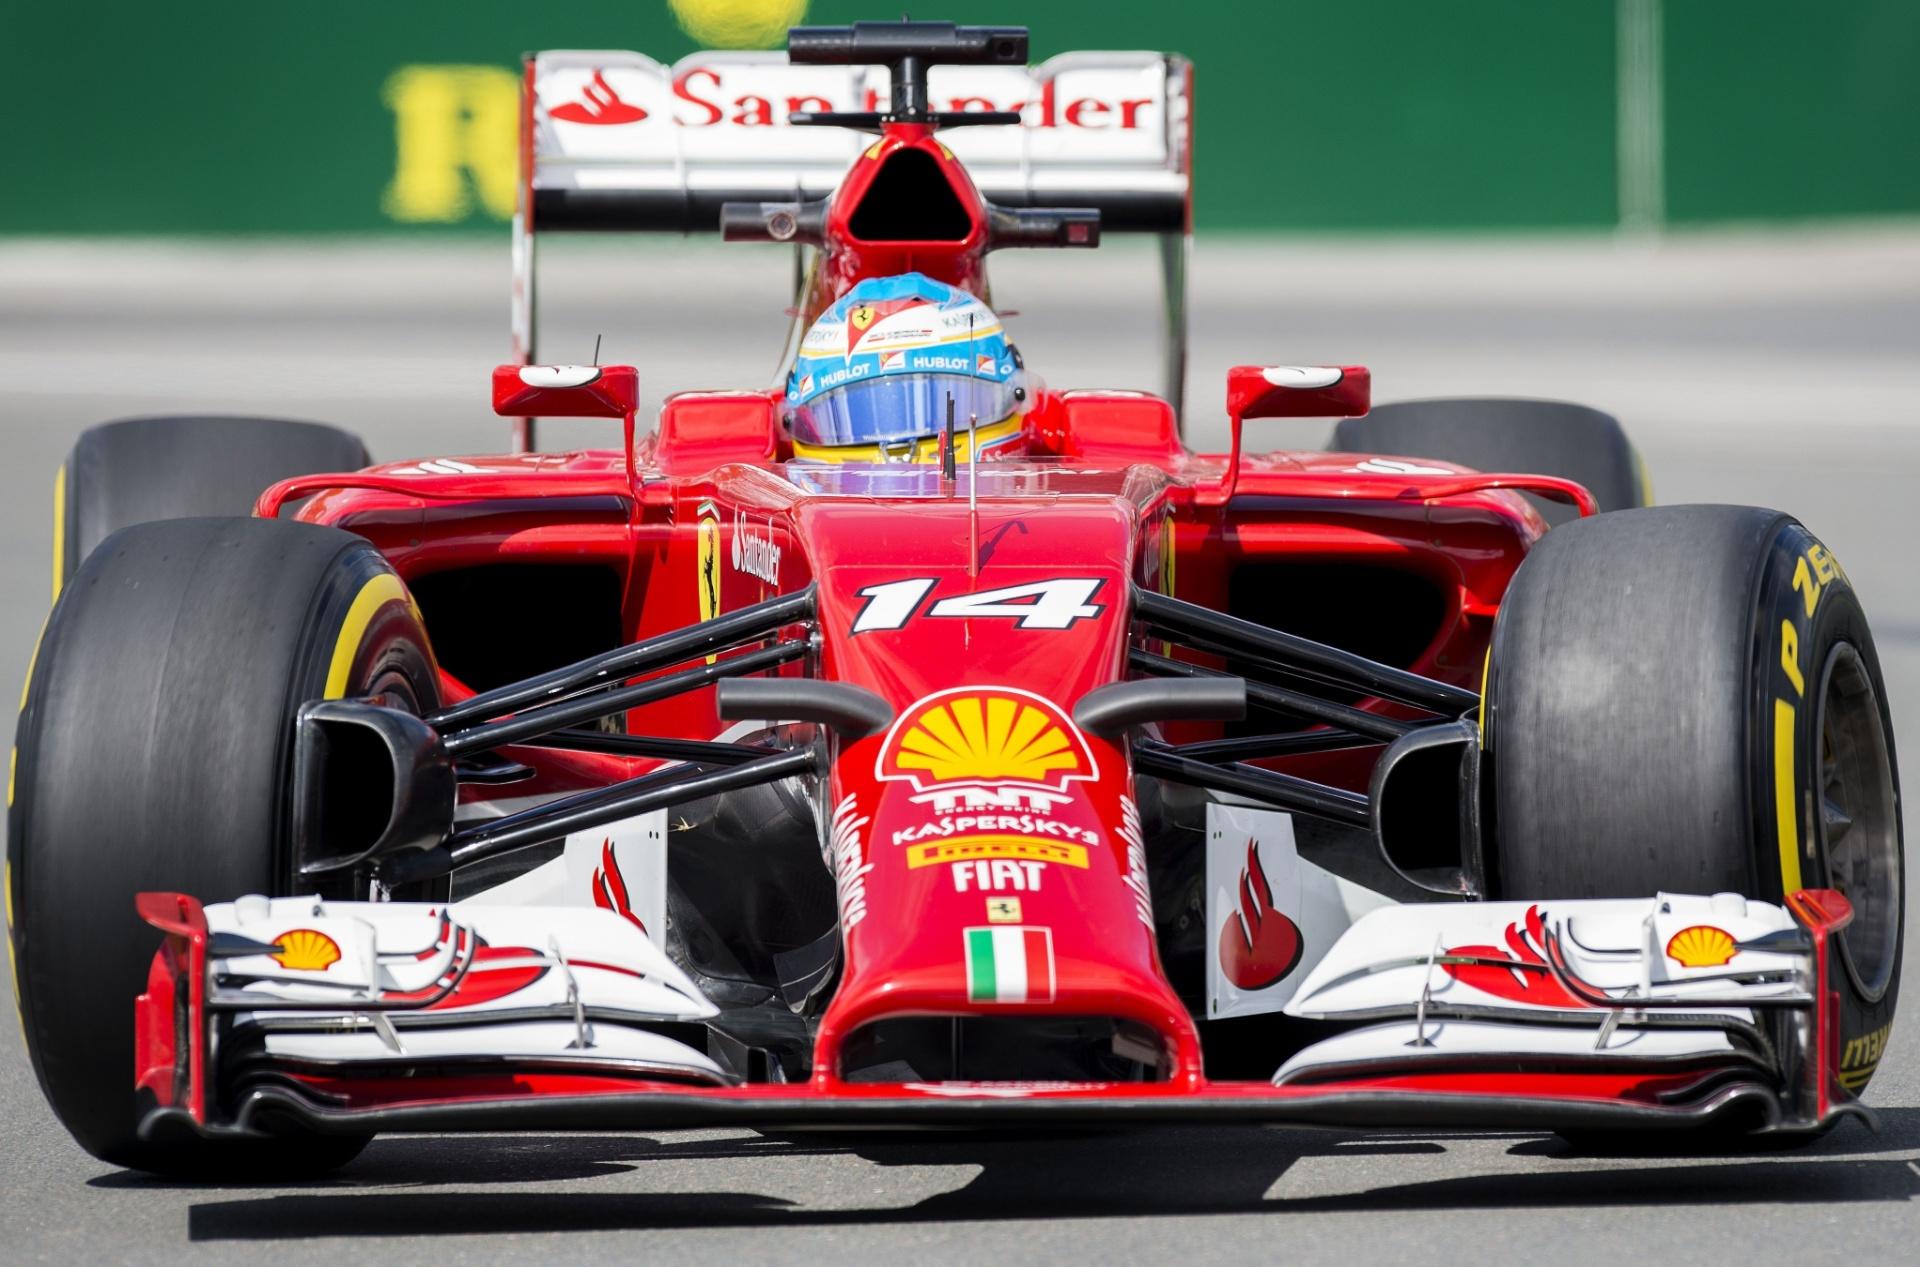 Alonso lidera primeiro treino livre e Massa tem problemas no Canadá -  06 06 2014 - UOL Esporte 13d49a5fc527a